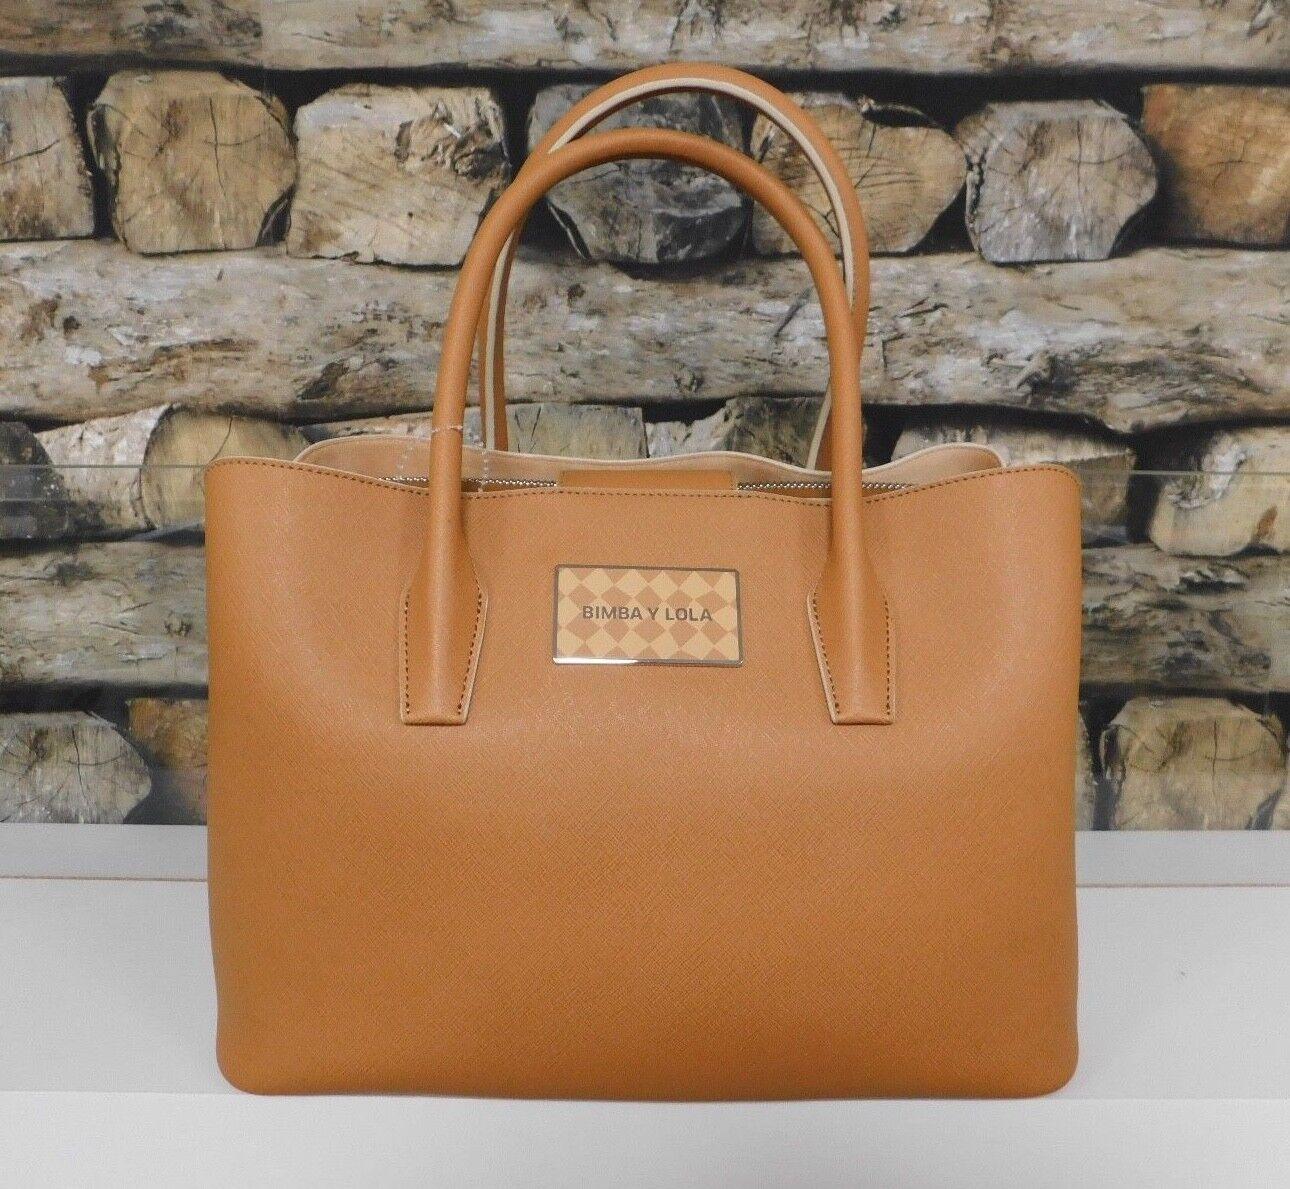 BIMBA Y Y Y LOLA Damen Tasche Handtasche Bag Handbag Elegant Leder Leather Braun NEU | Vorzüglich  688fe0